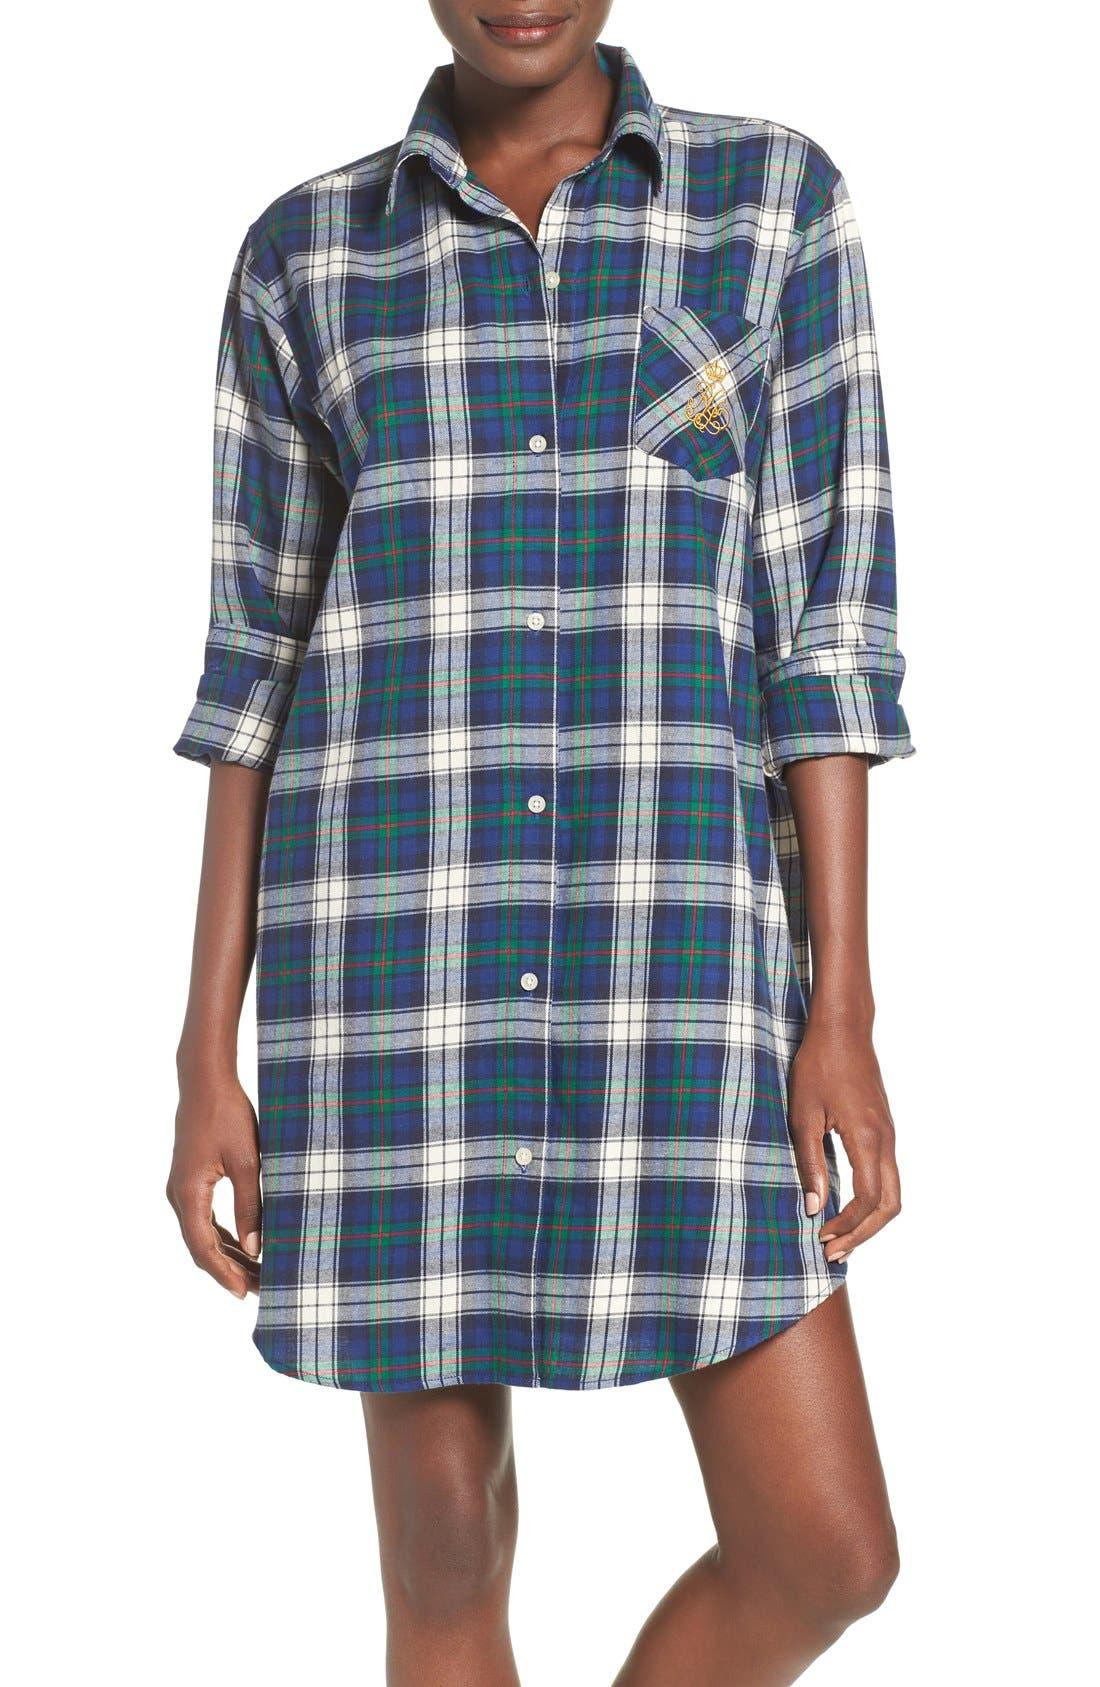 Plaid Woven Sleep Shirt,                         Main,                         color, Plaid Cream/ Blue/ Green